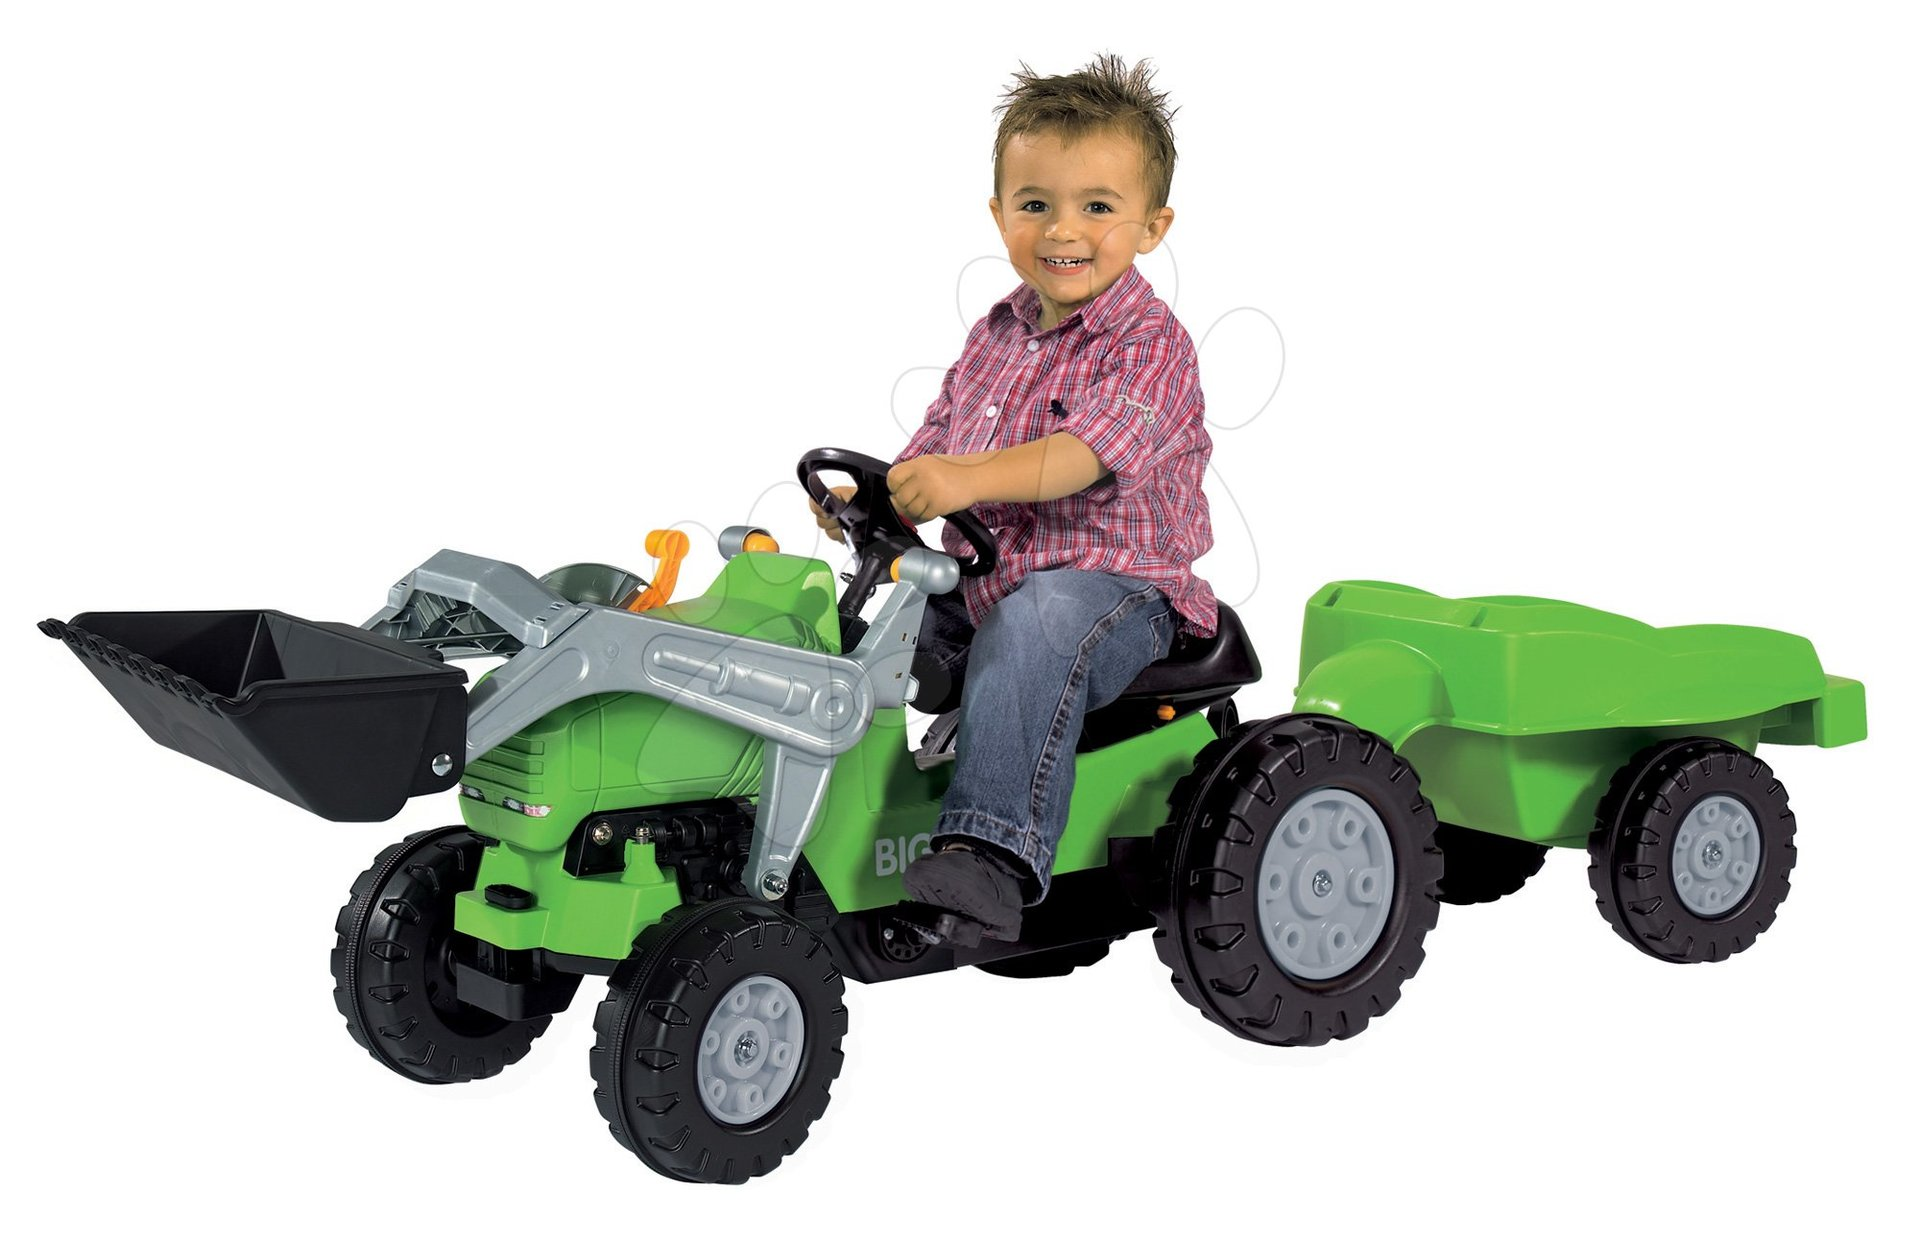 Detské šliapacie vozidlá - Traktor na šliapanie Jimmy BIG s nakladačom a vlečkou zelený